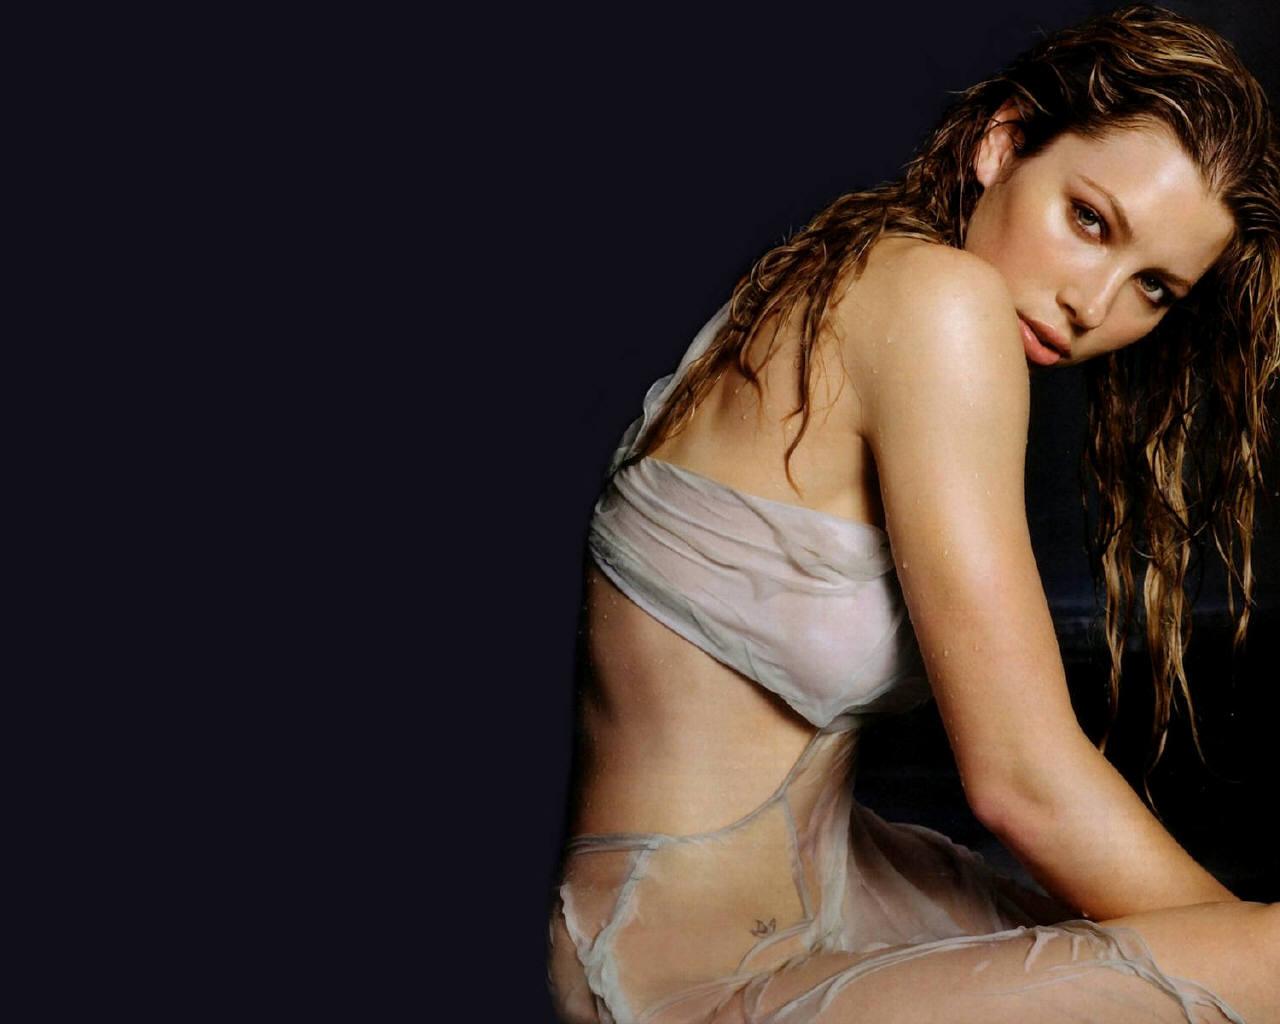 http://1.bp.blogspot.com/-KbVWWlm1fbs/ULs3j-m_qtI/AAAAAAAAFtY/Bv0HKJ3WsnI/s1600/Jessica+Biel-hot-wallpaper-02.jpg